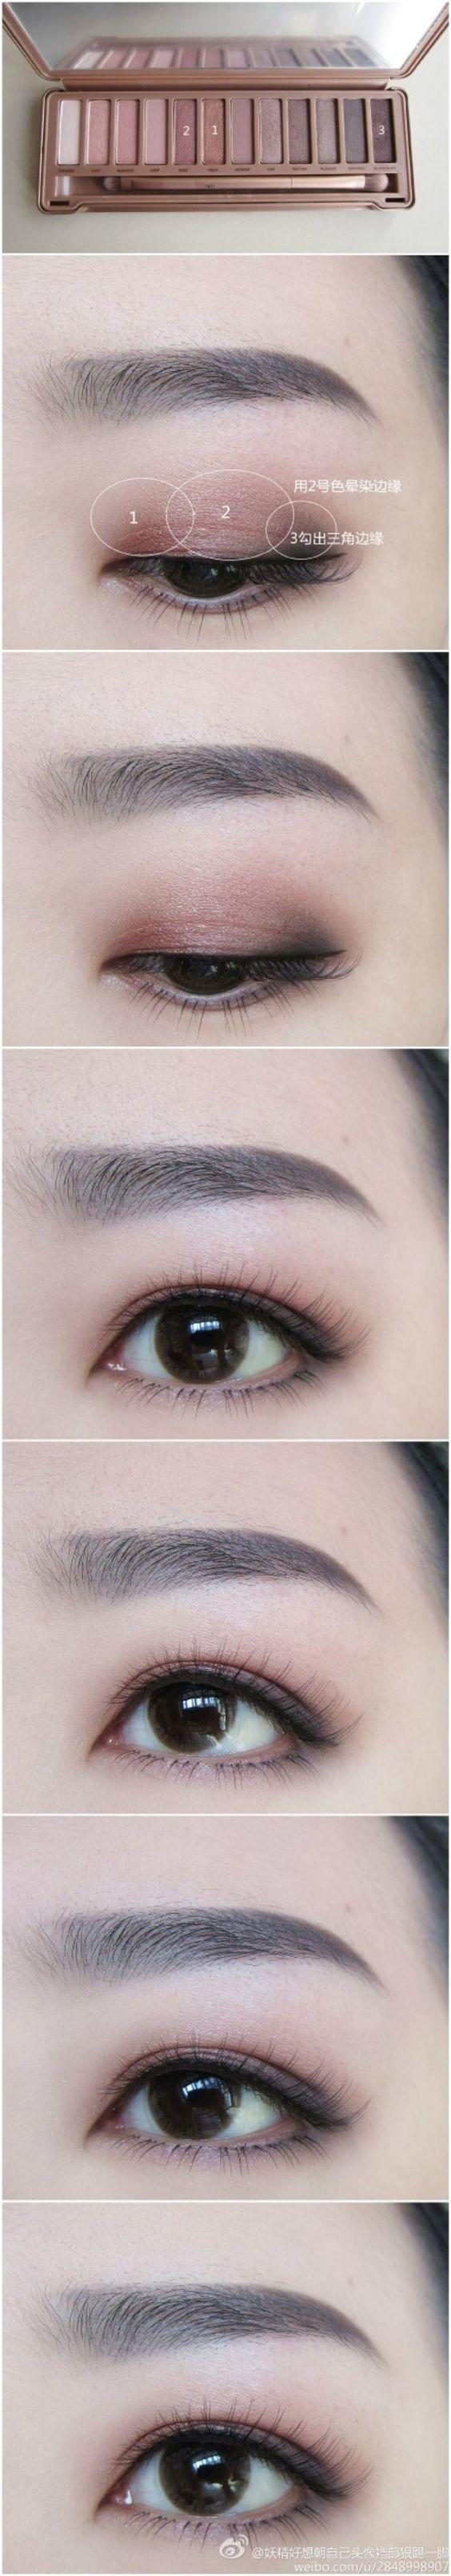 how to make korean eyebrow